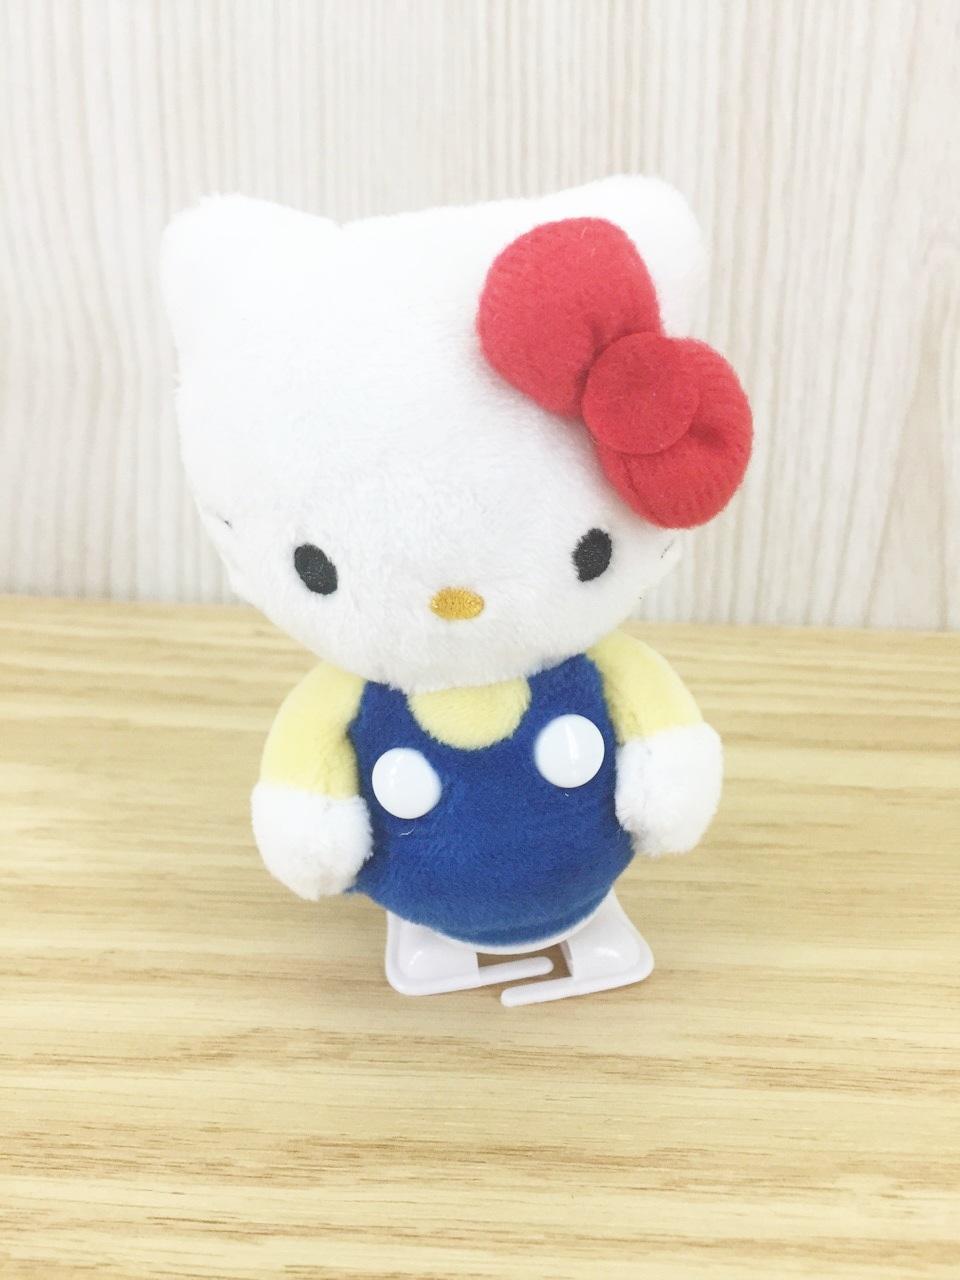 【真愛日本】15121400003 發條走路娃-KT藍衣 三麗鷗 Hello Kitty 凱蒂貓 走路娃 娃娃 玩具